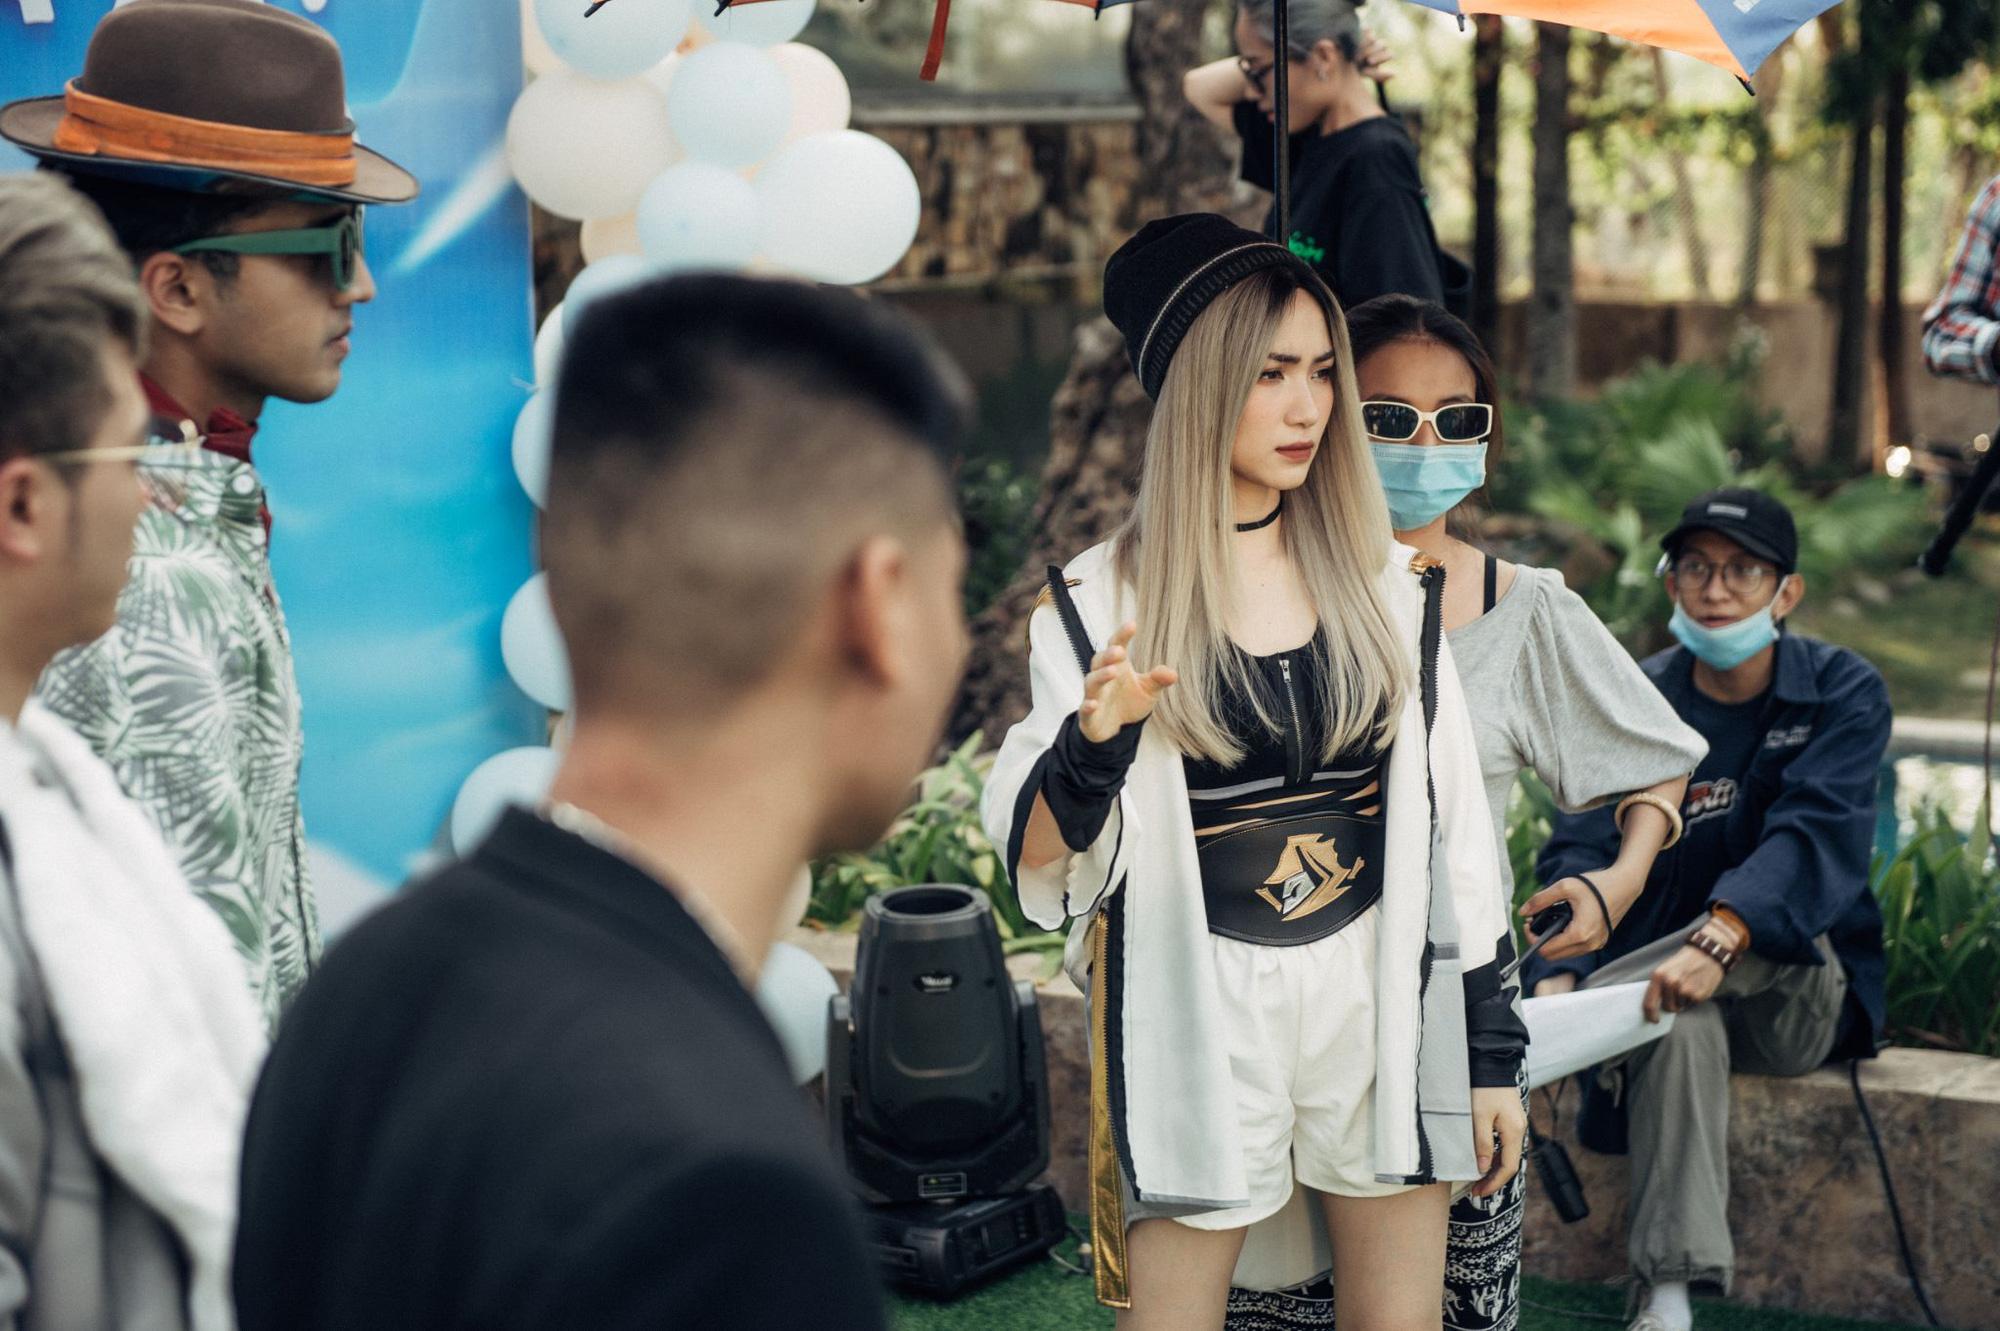 Hòa Minzy hé lộ ảnh hậu trường, lần đầu tiên xuất hiện với diện mạo gây bất ngờ - Ảnh 1.